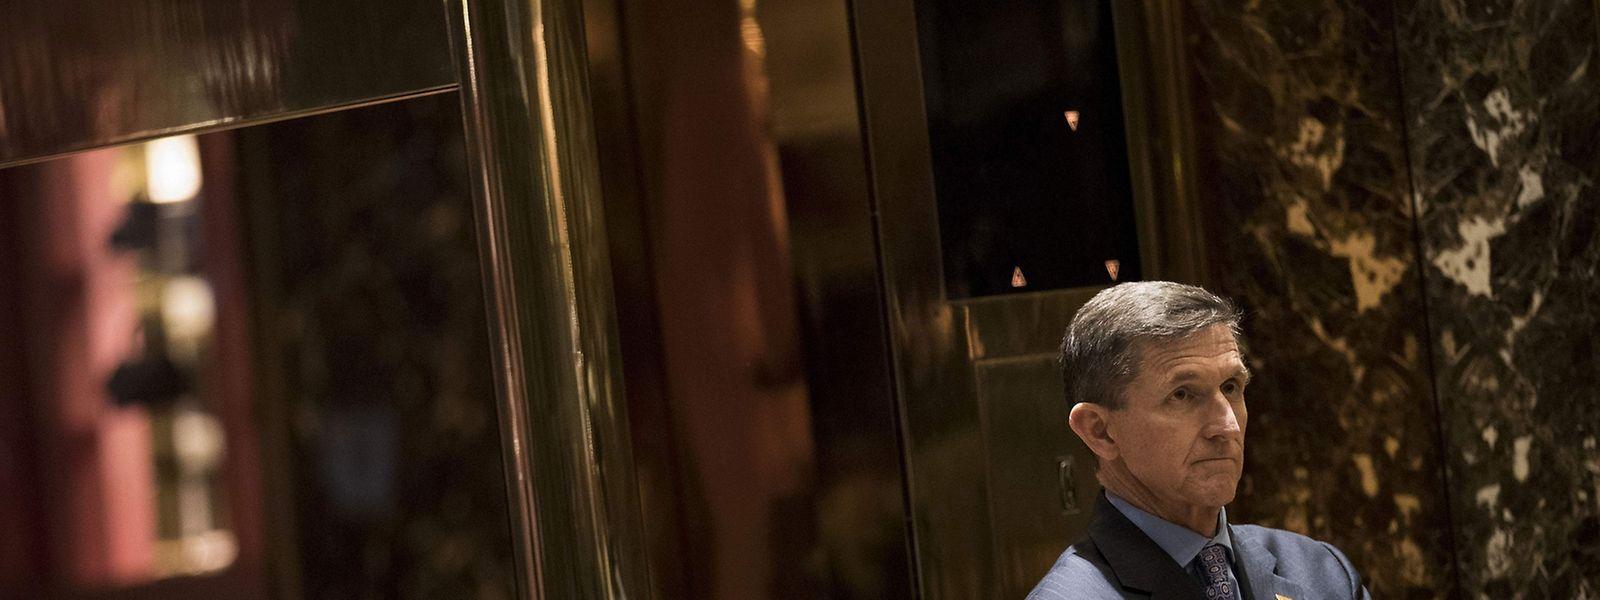 Flynn hatte Ende Dezember, noch ehe er ein offizielles Amt innehatte, mit dem russischen Botschafter Sergei Iwanowitsch Kisljak telefoniert